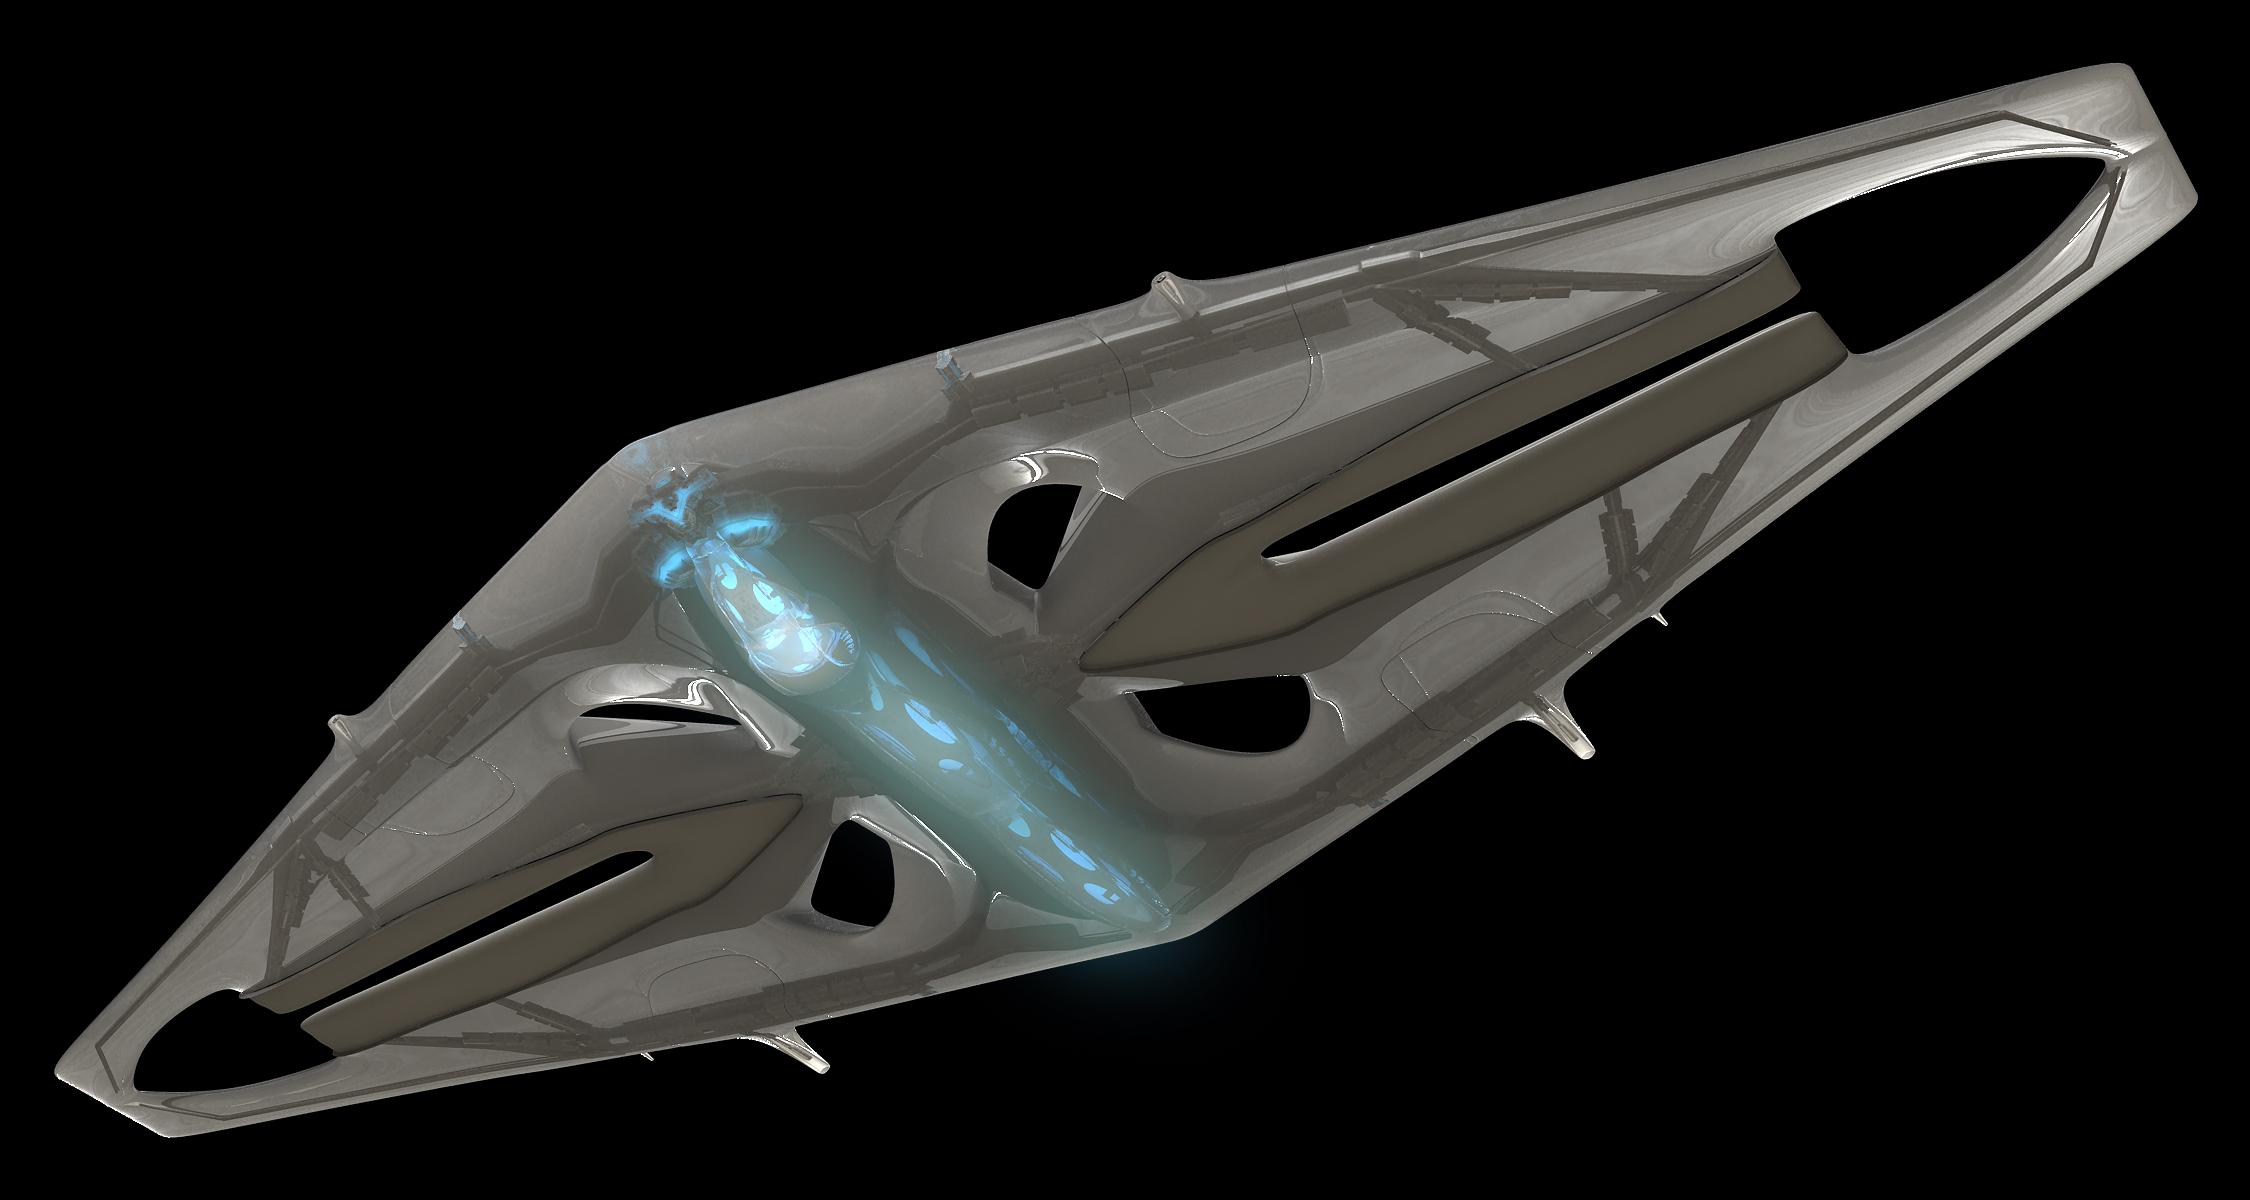 AlienShip_v013_002.jpg